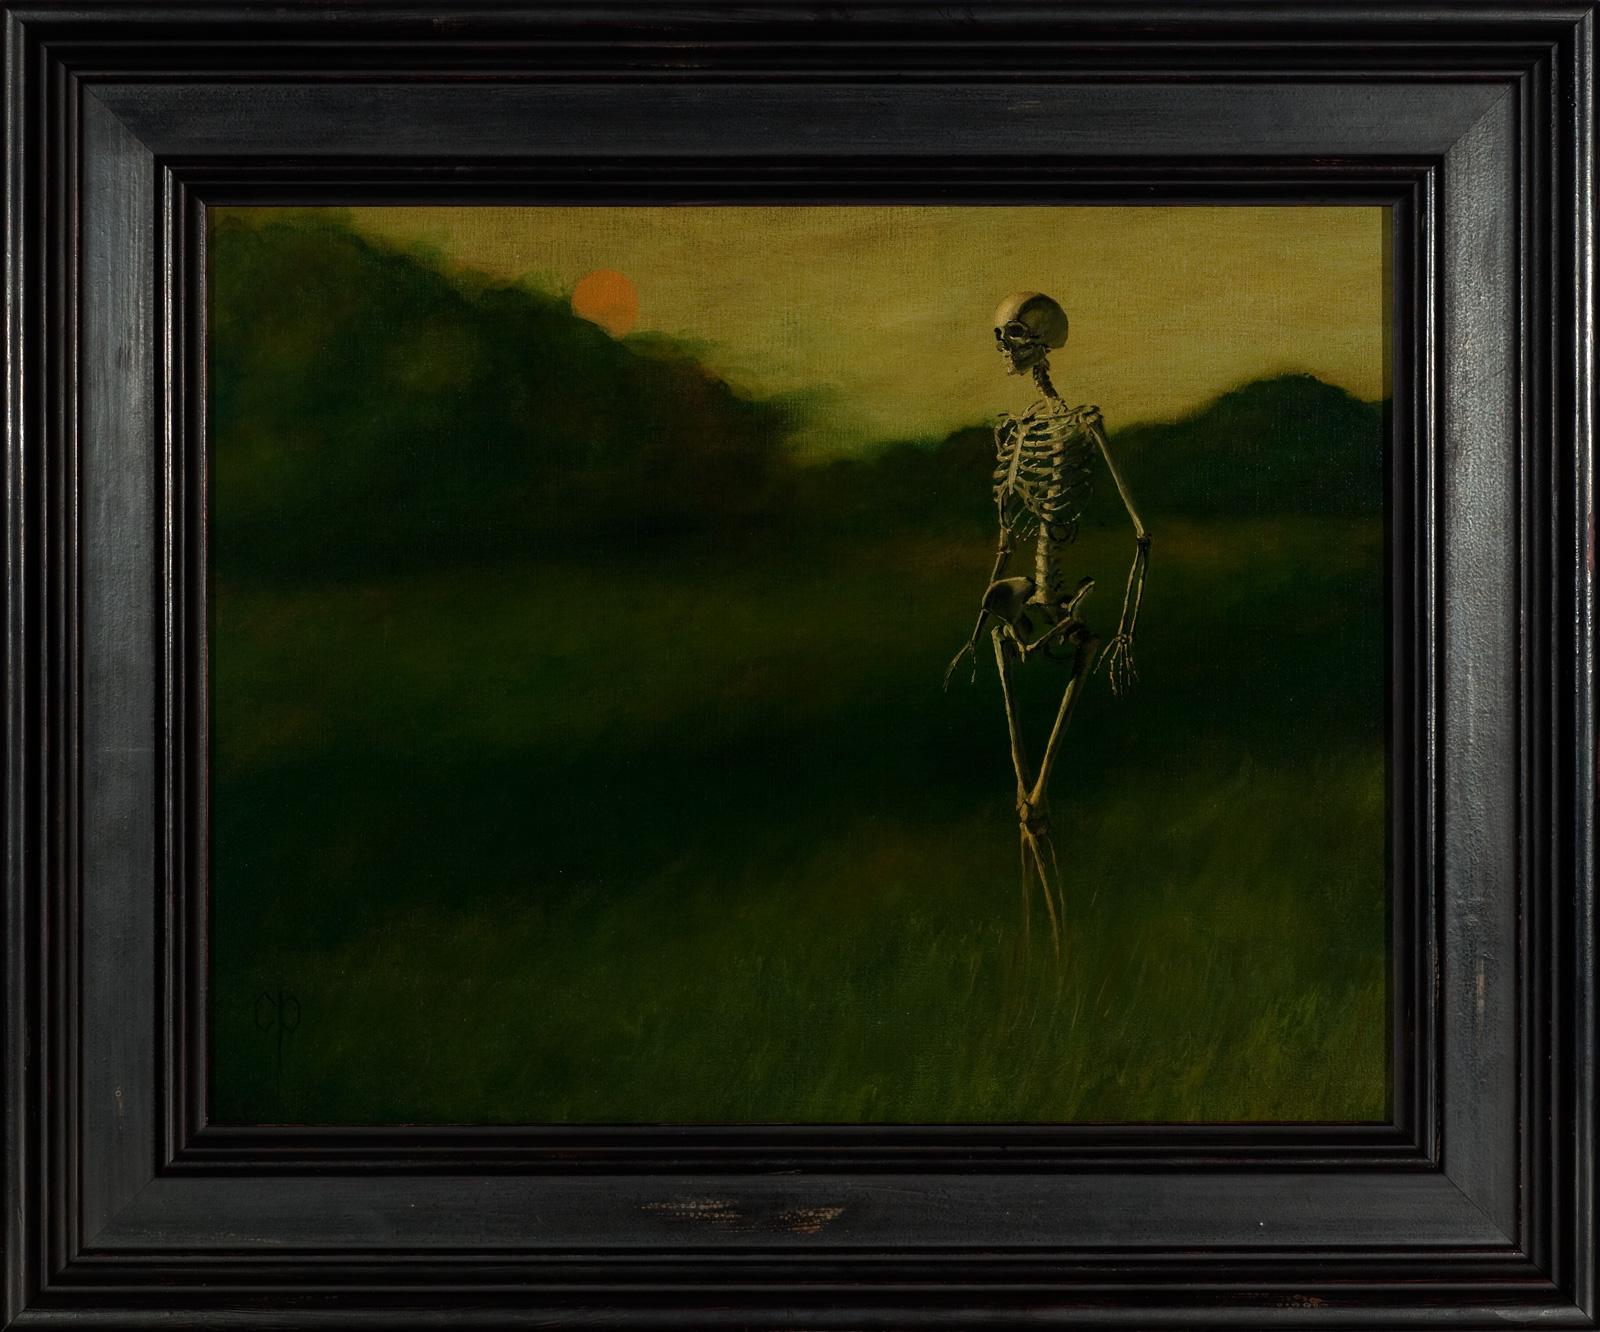 framed-in-the-garden1